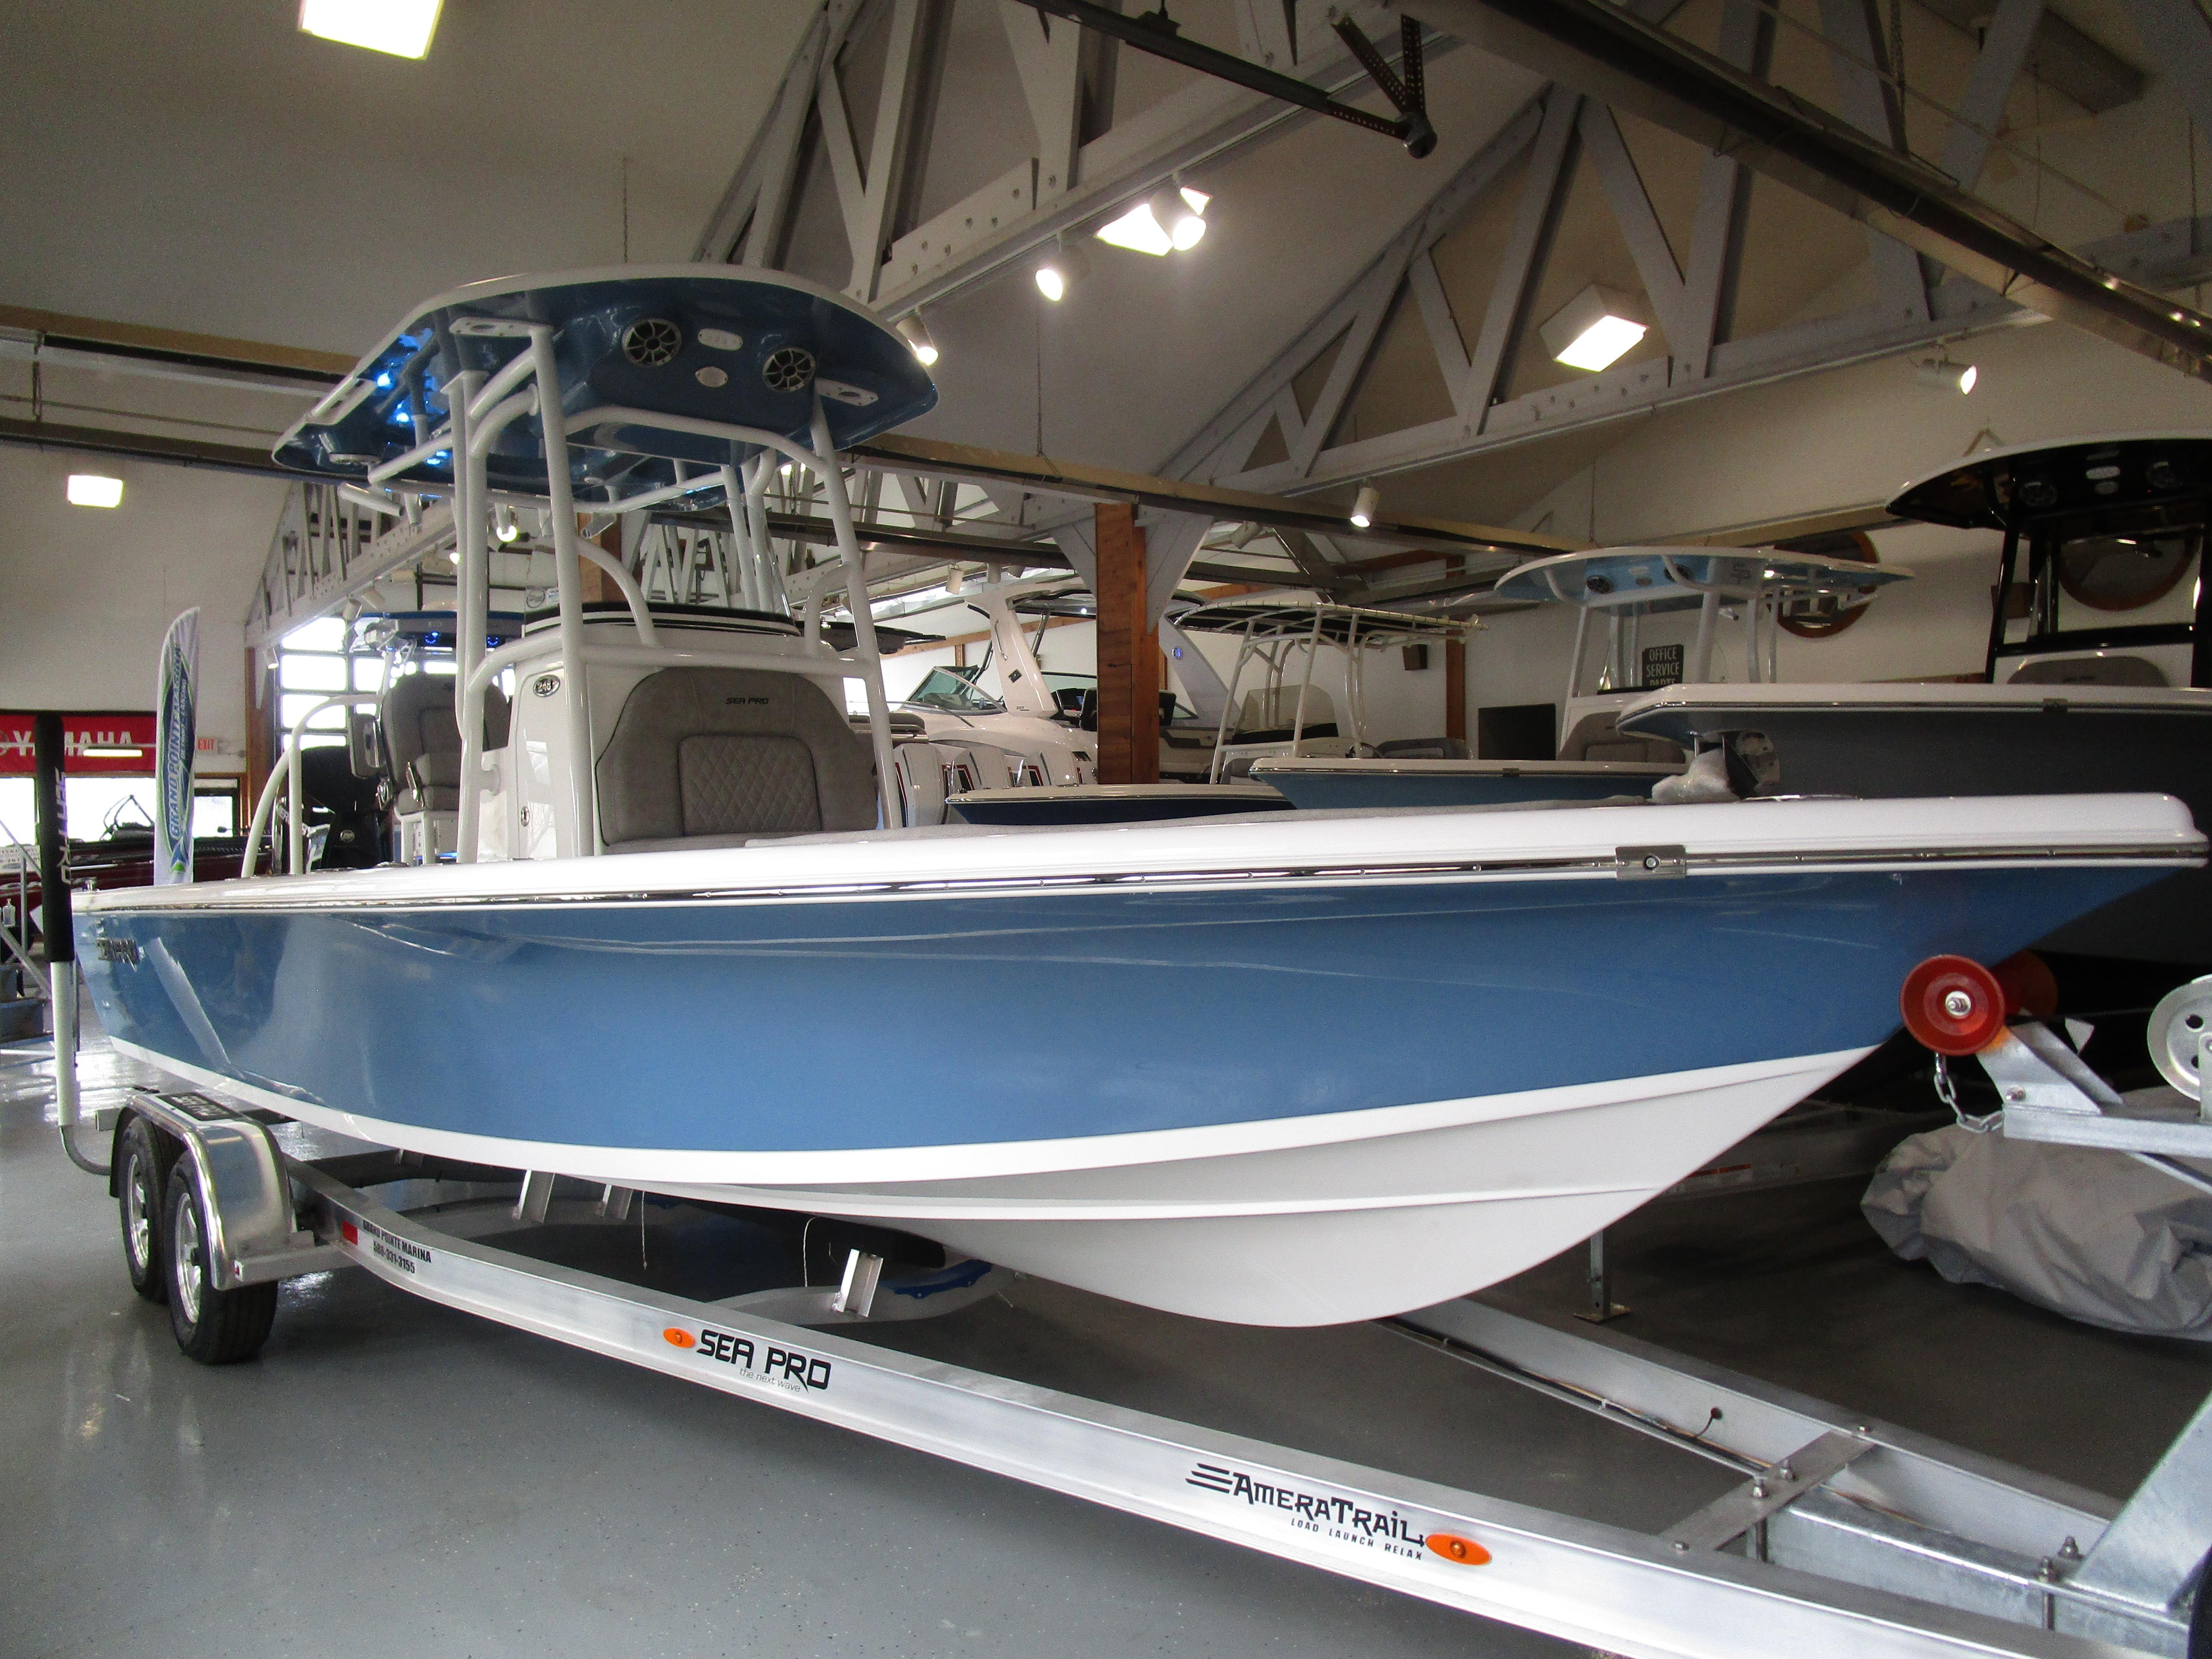 Sea Pro248 DLX BAY